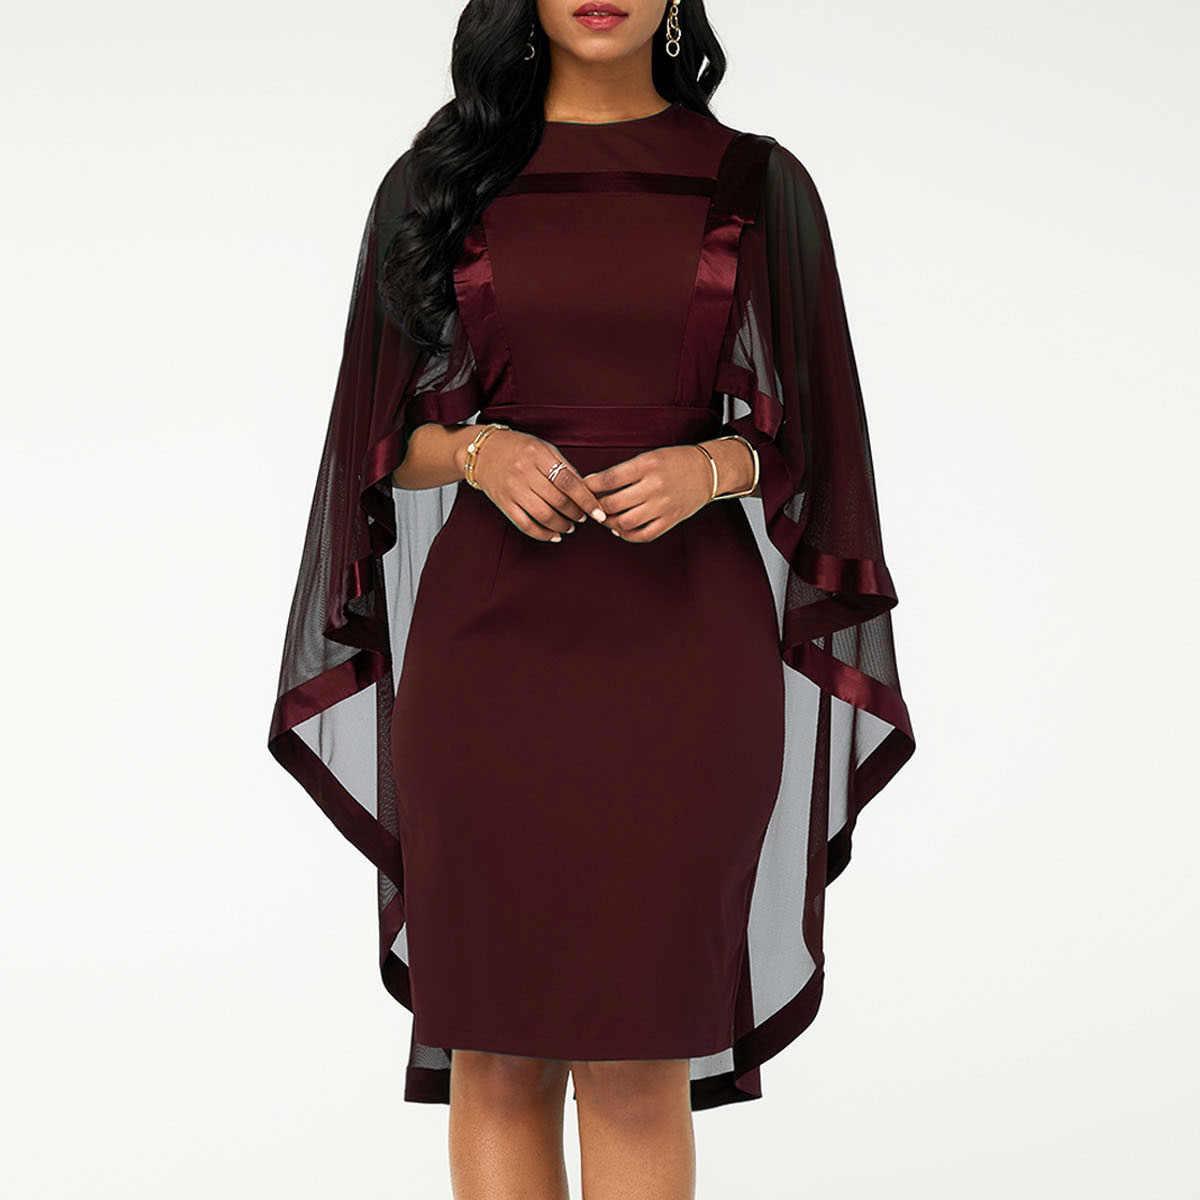 Verano otoño Vestido Mujer 2019 Casual de talla grande Delgado Patchwork malla Oficina ceñido vestidos Vintage elegante Sexy vestidos de fiesta